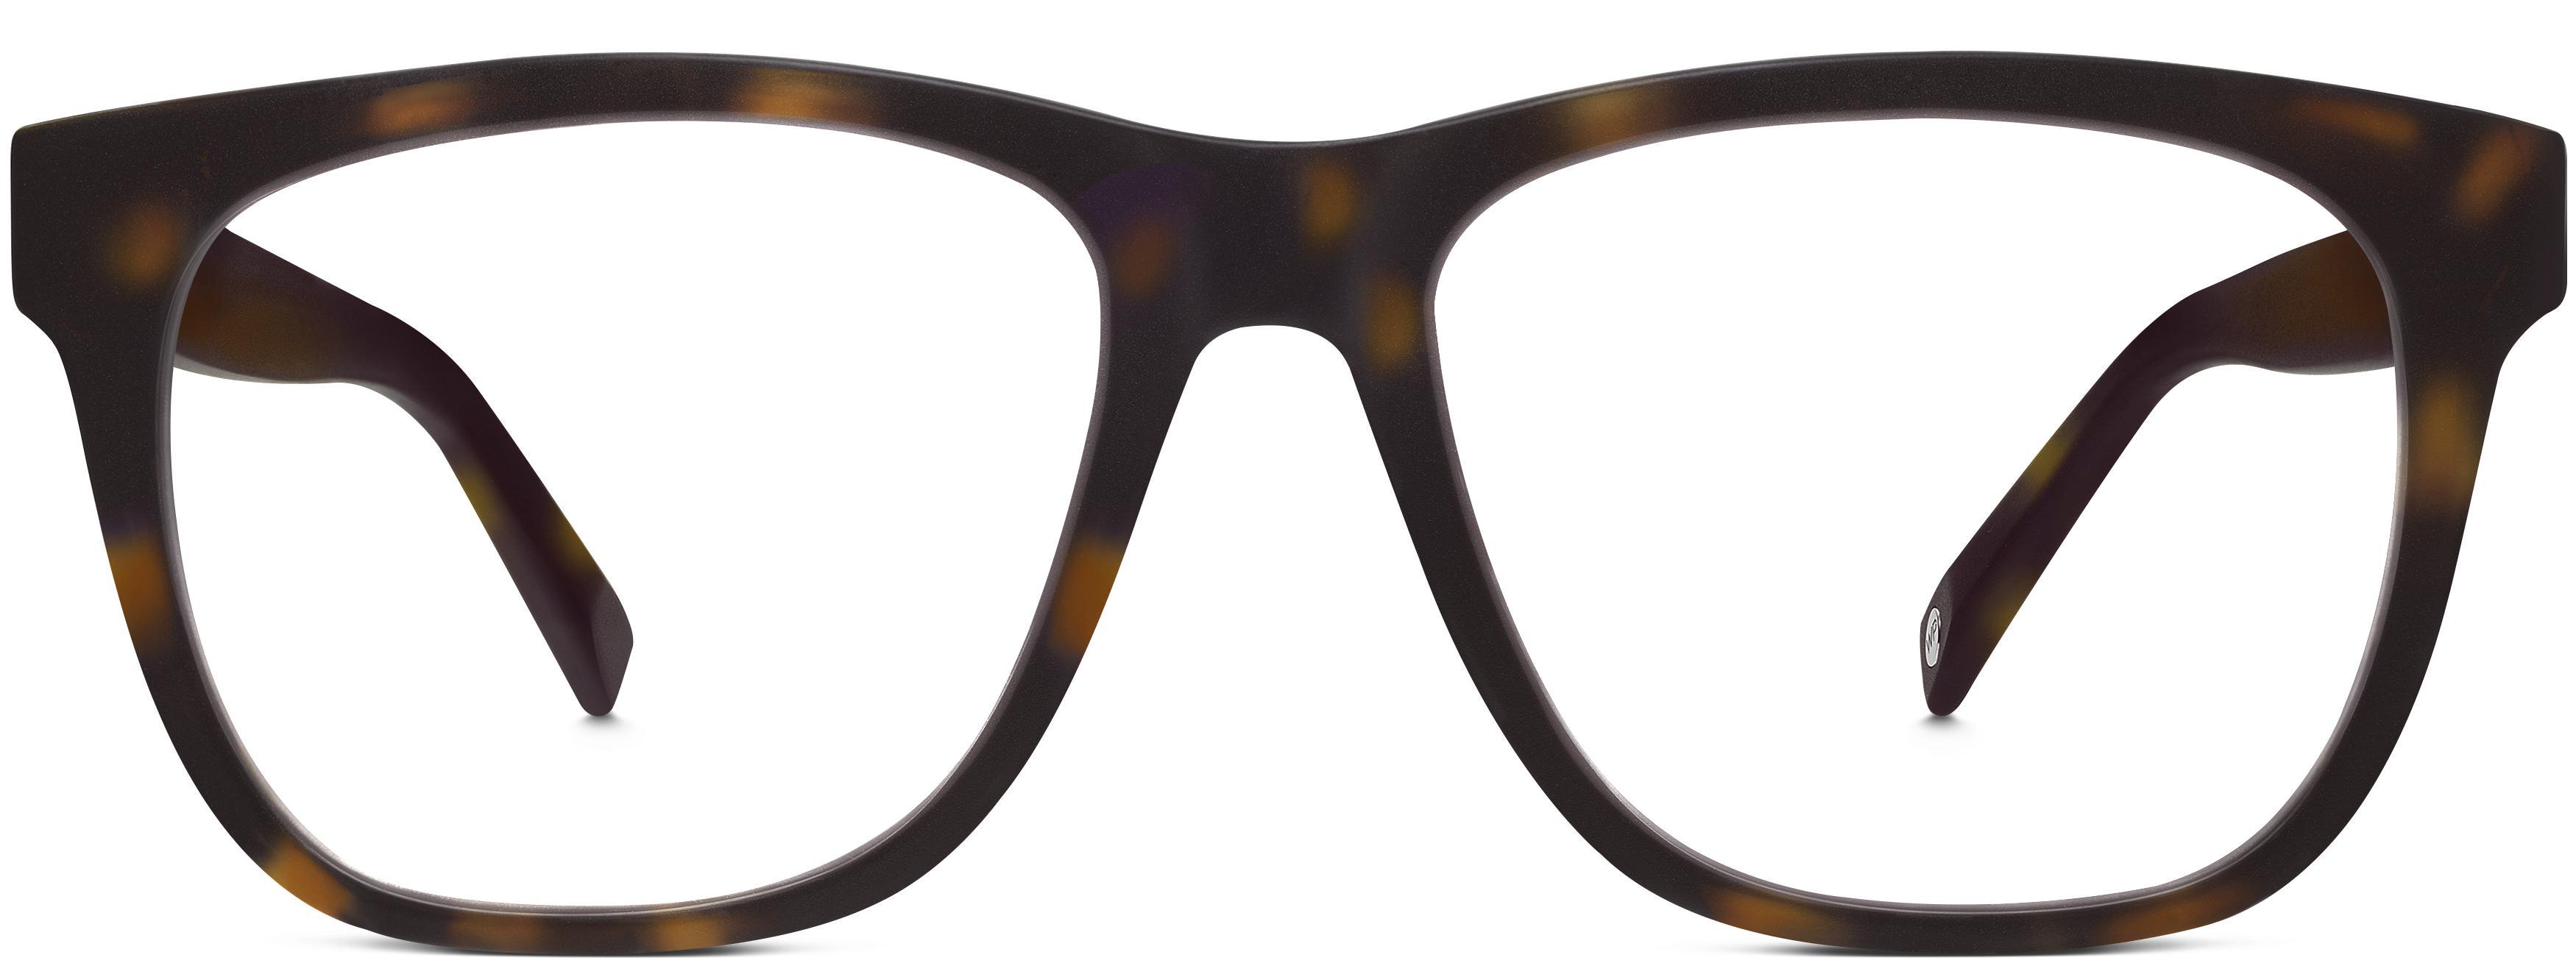 d24c9f48b60 Women s Eyeglasses